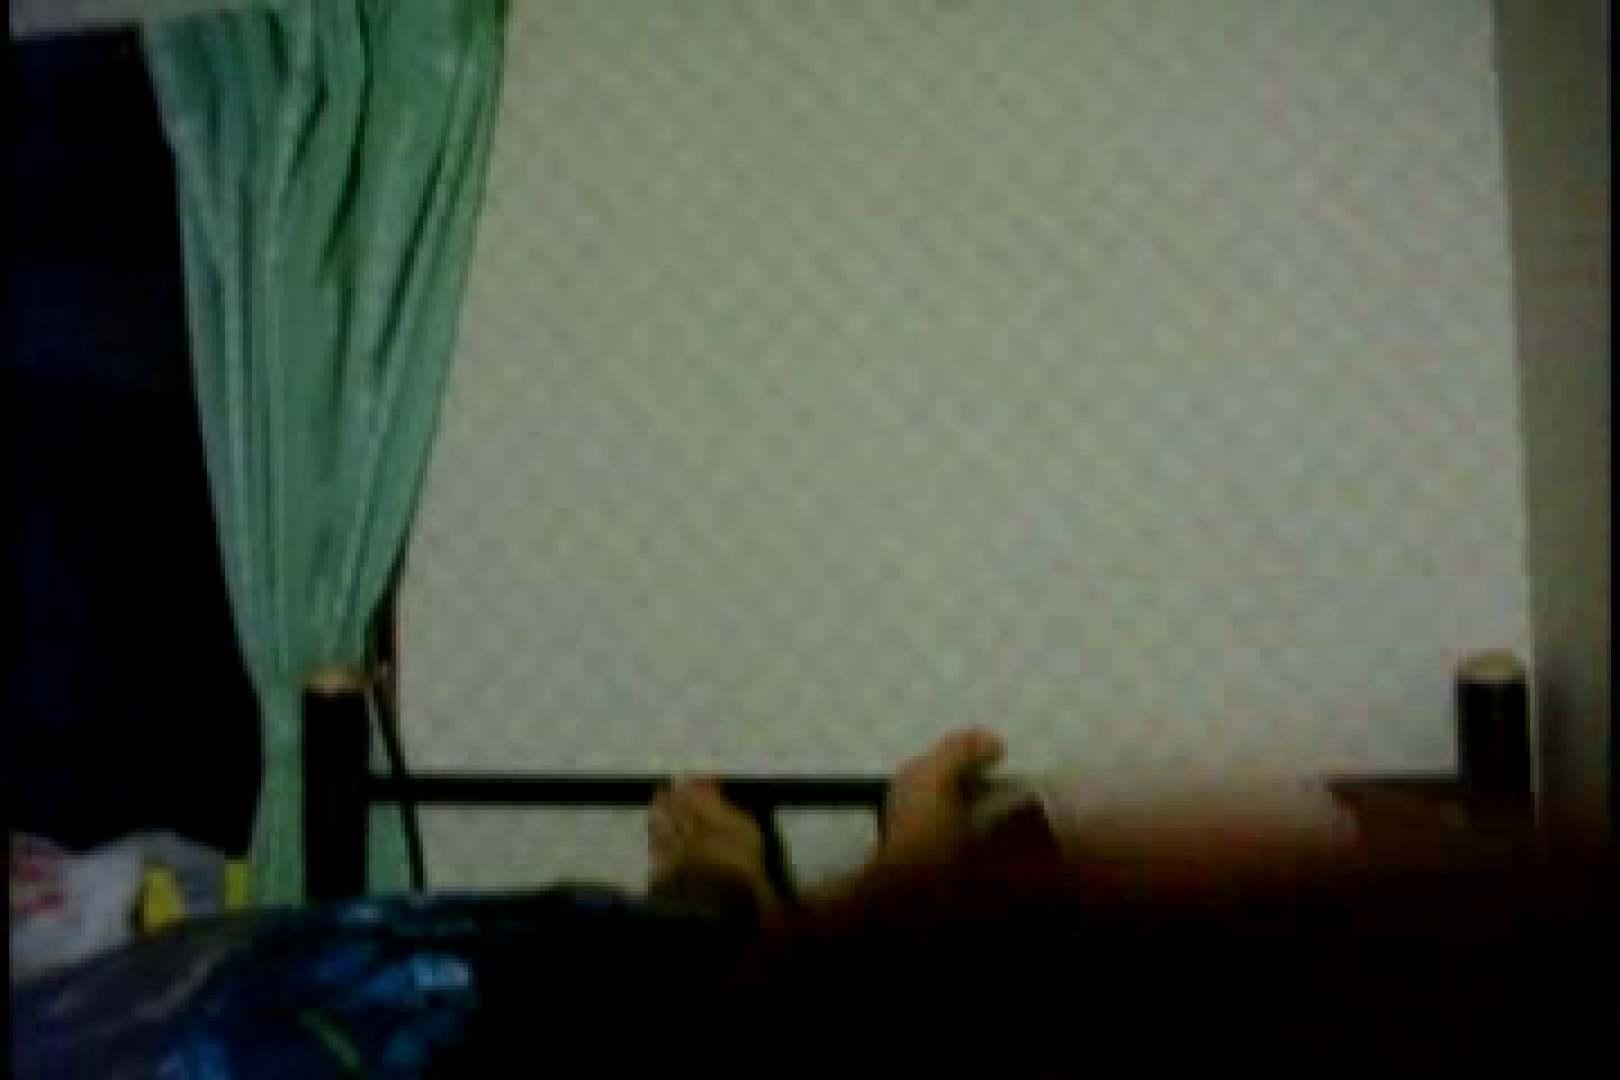 オナ好きノンケテニス部員の自画撮り投稿vol.03 無修正 エロビデオ紹介 62pic 4